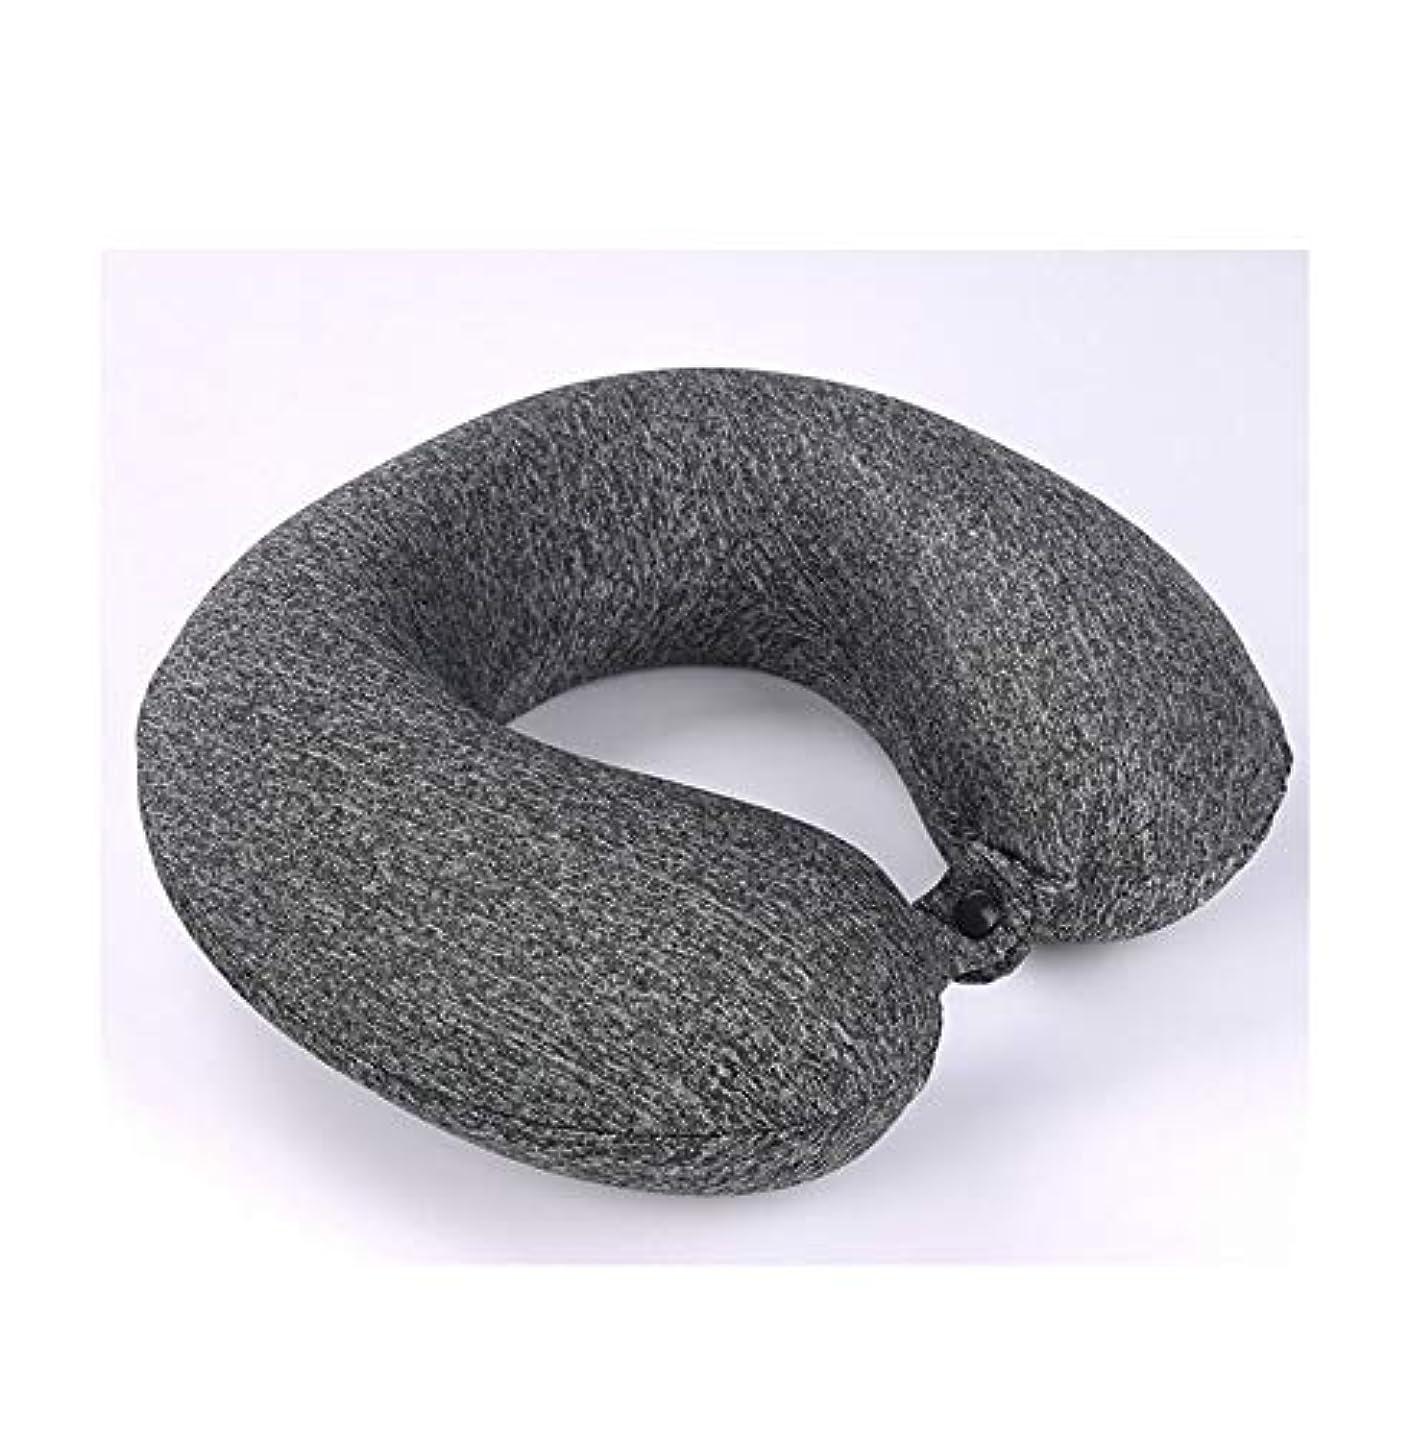 余計な半ば予報SMART ホームオフィス背もたれ椅子腰椎クッションカーシートネック枕 3D 低反発サポートバックマッサージウエストレスリビング枕 クッション 椅子